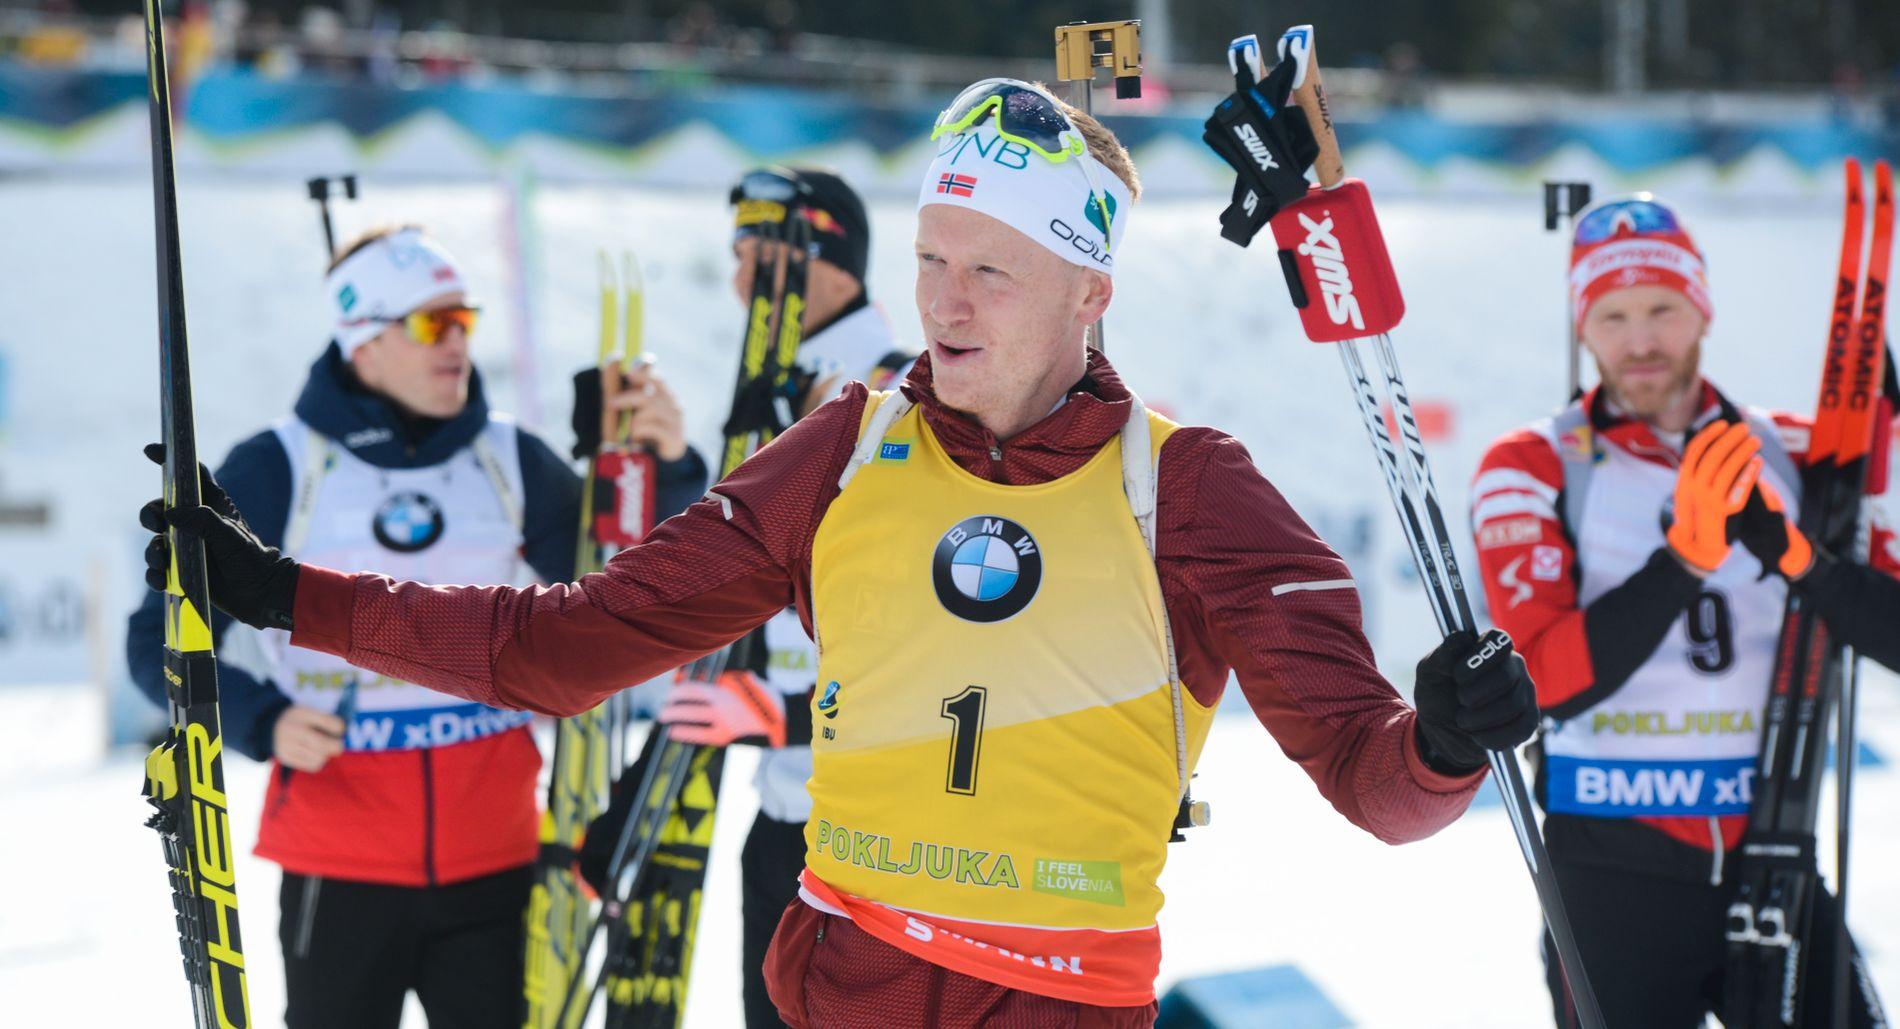 GUL TRØYE: Johannes Thingnes Bø, her fra desember, i den gule trøya som symboliserer at han leder verdenscupen sammenlagt.